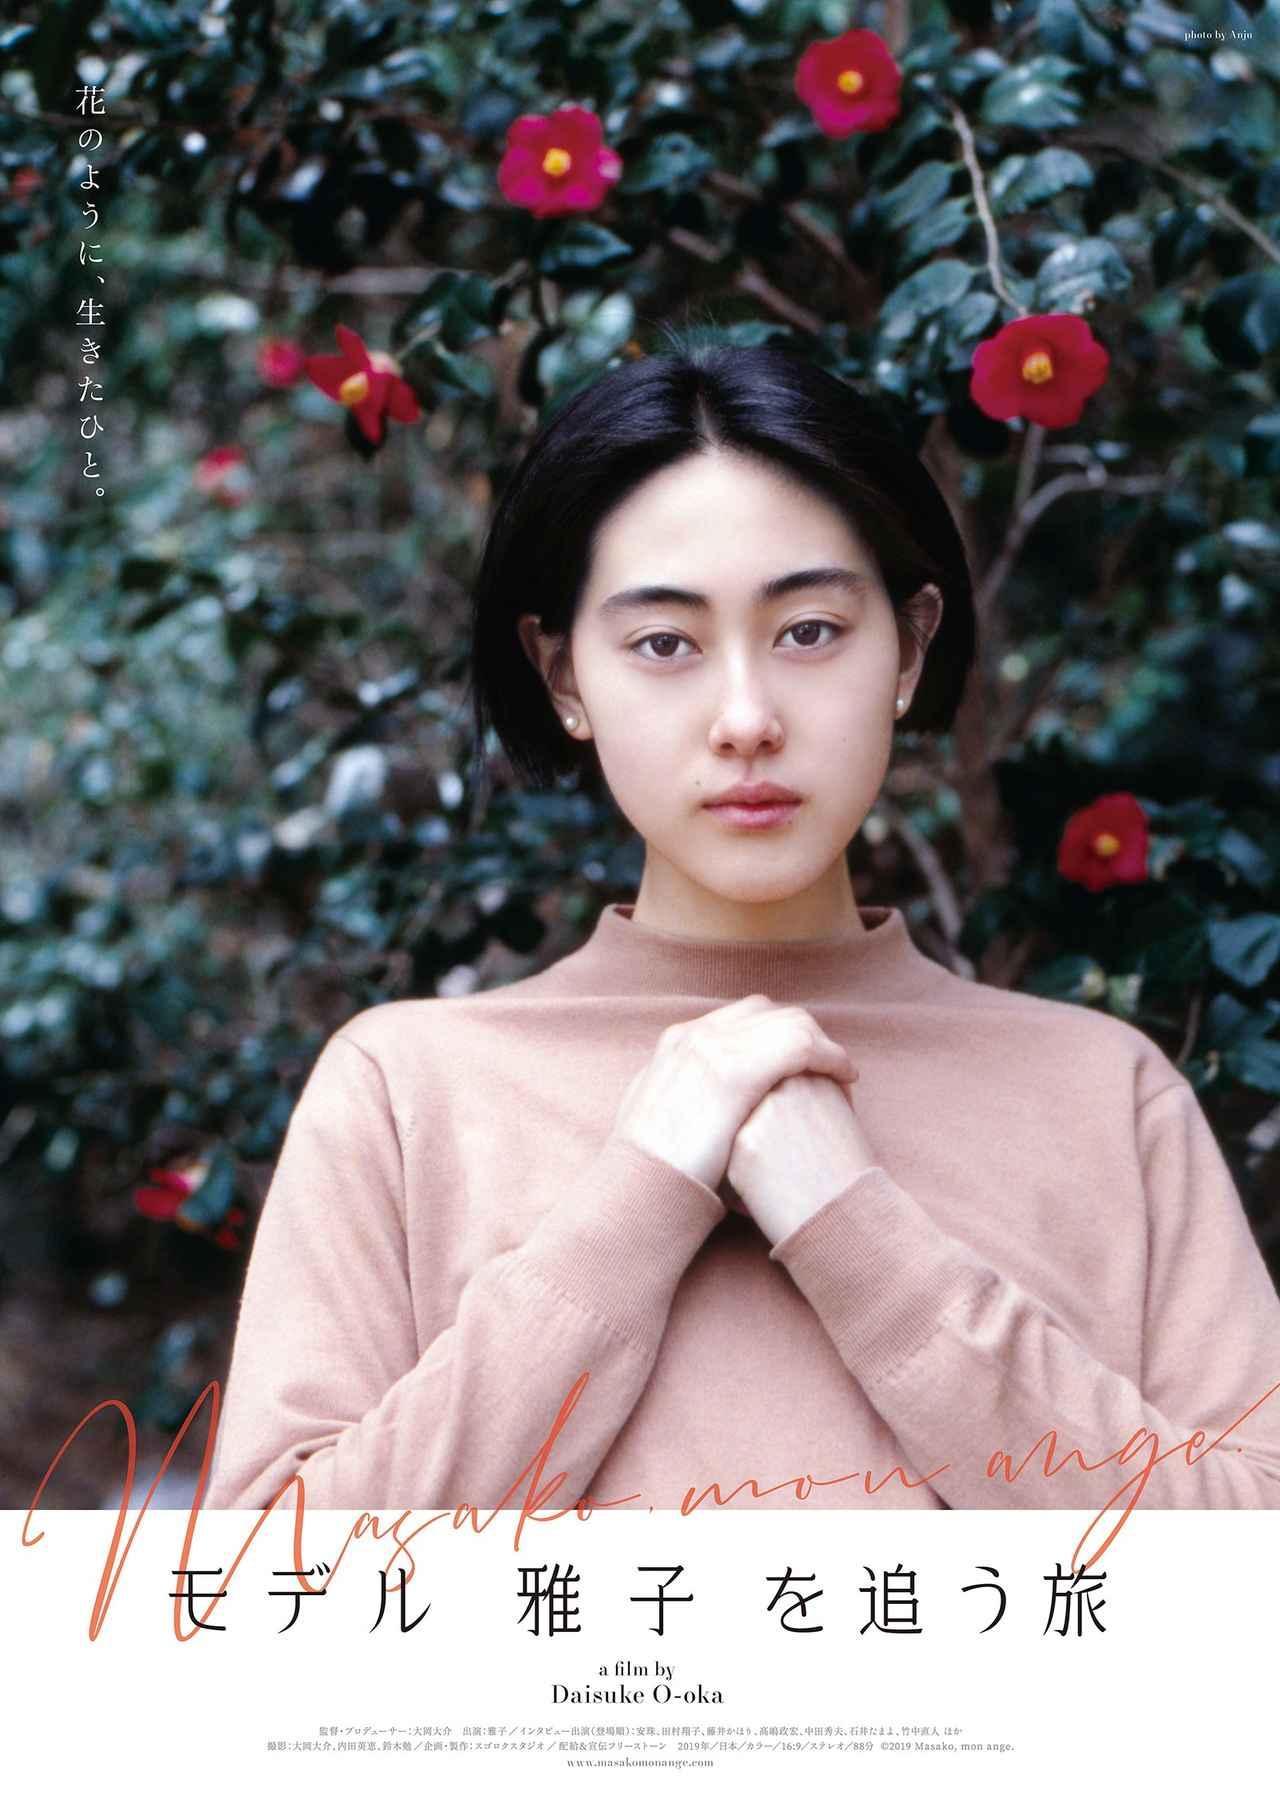 画像1: ©︎2019 Masako, monange.